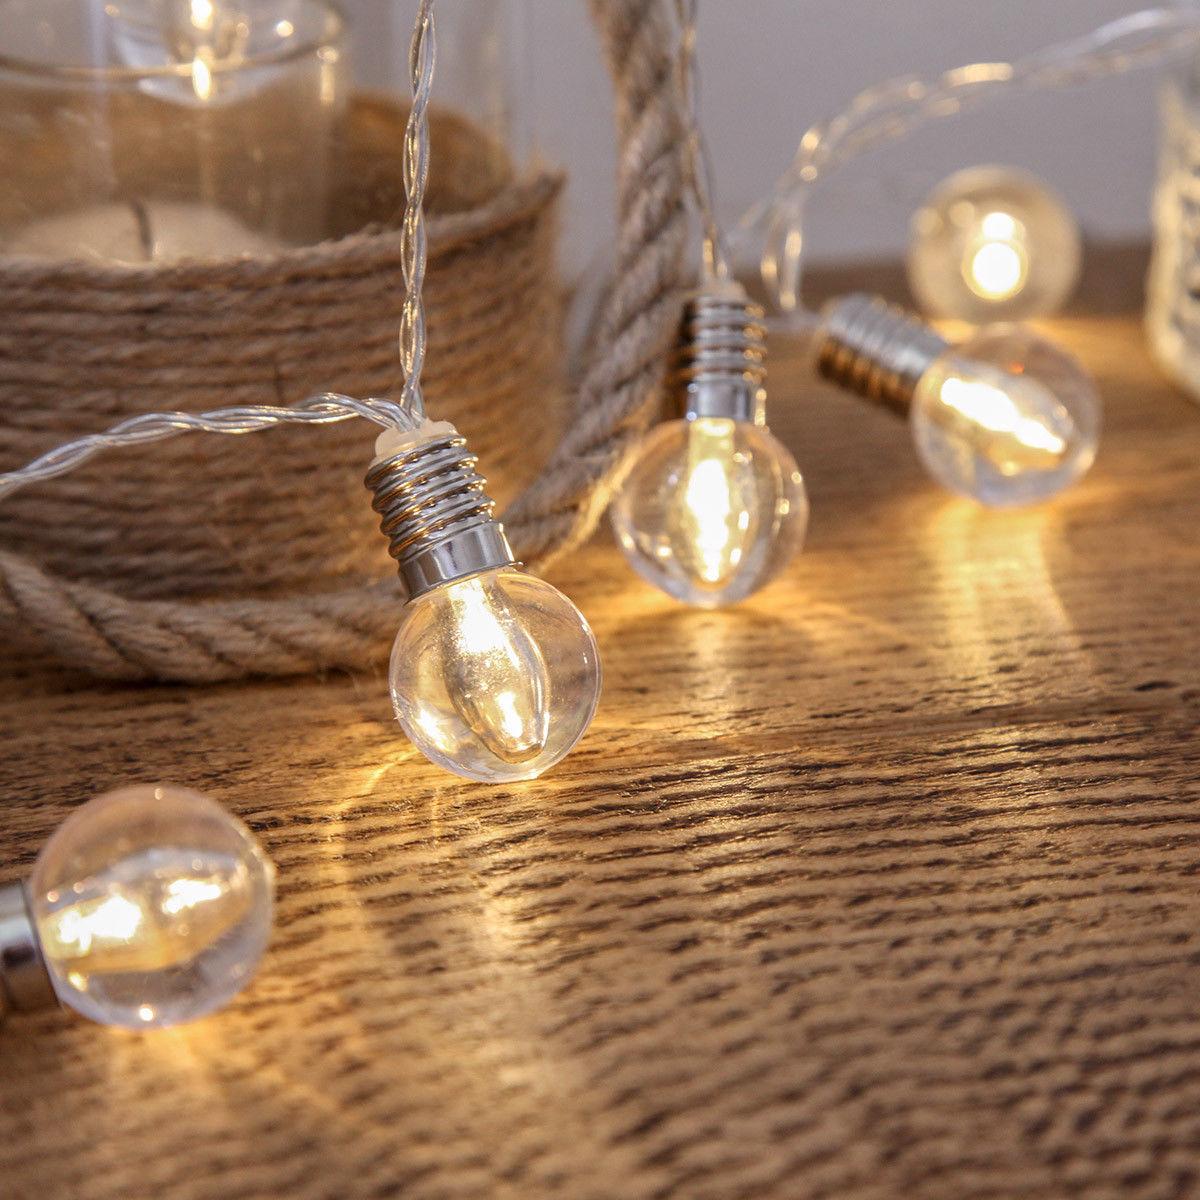 Mini bombilla de linterna transparente de 40 led, luces de cadena de funcionamiento con batería, 6 M, luces led de decoración para Navidad, guirnalda de Año Nuevo, gerlyanda